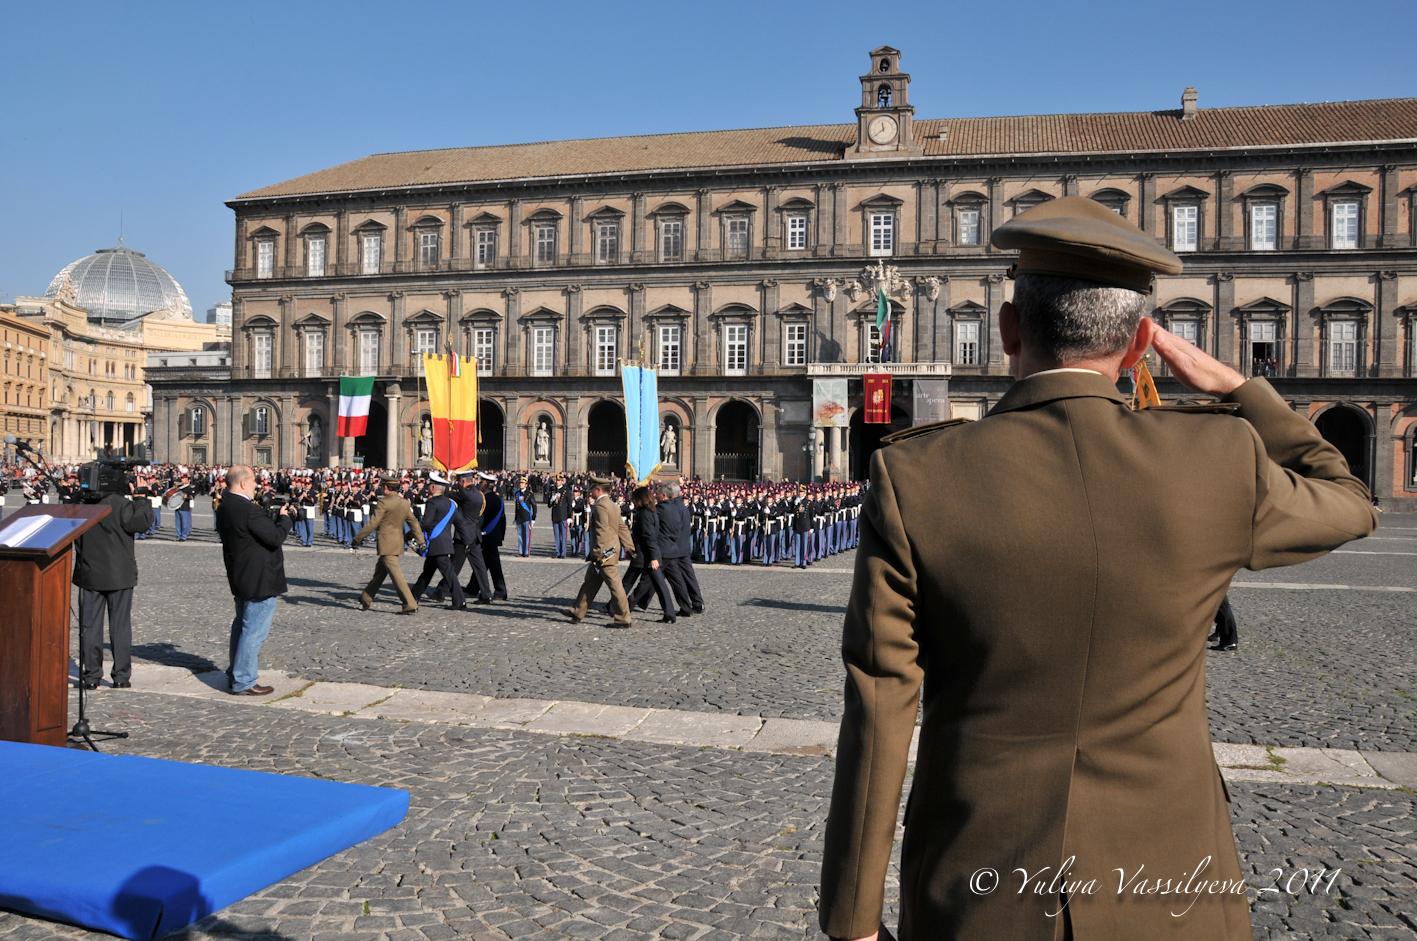 Napoli, Piazza Plebiscito, 19 novembre 2011 - Giuramento degli allievi della Scuola Militare Nunziatella.